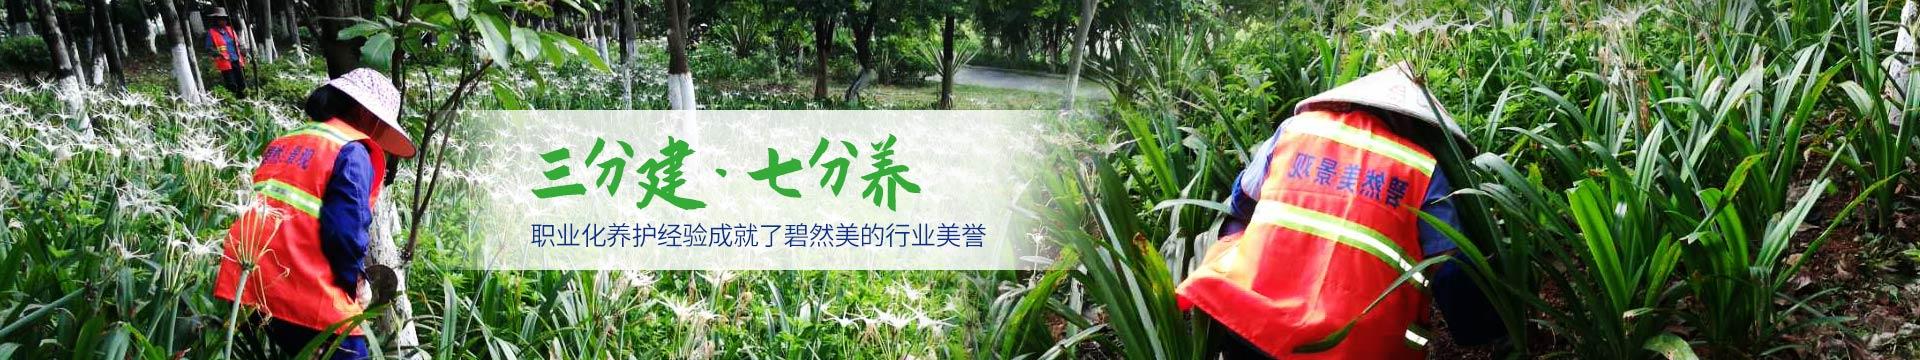 买球国际厅网站-園林綠化養護